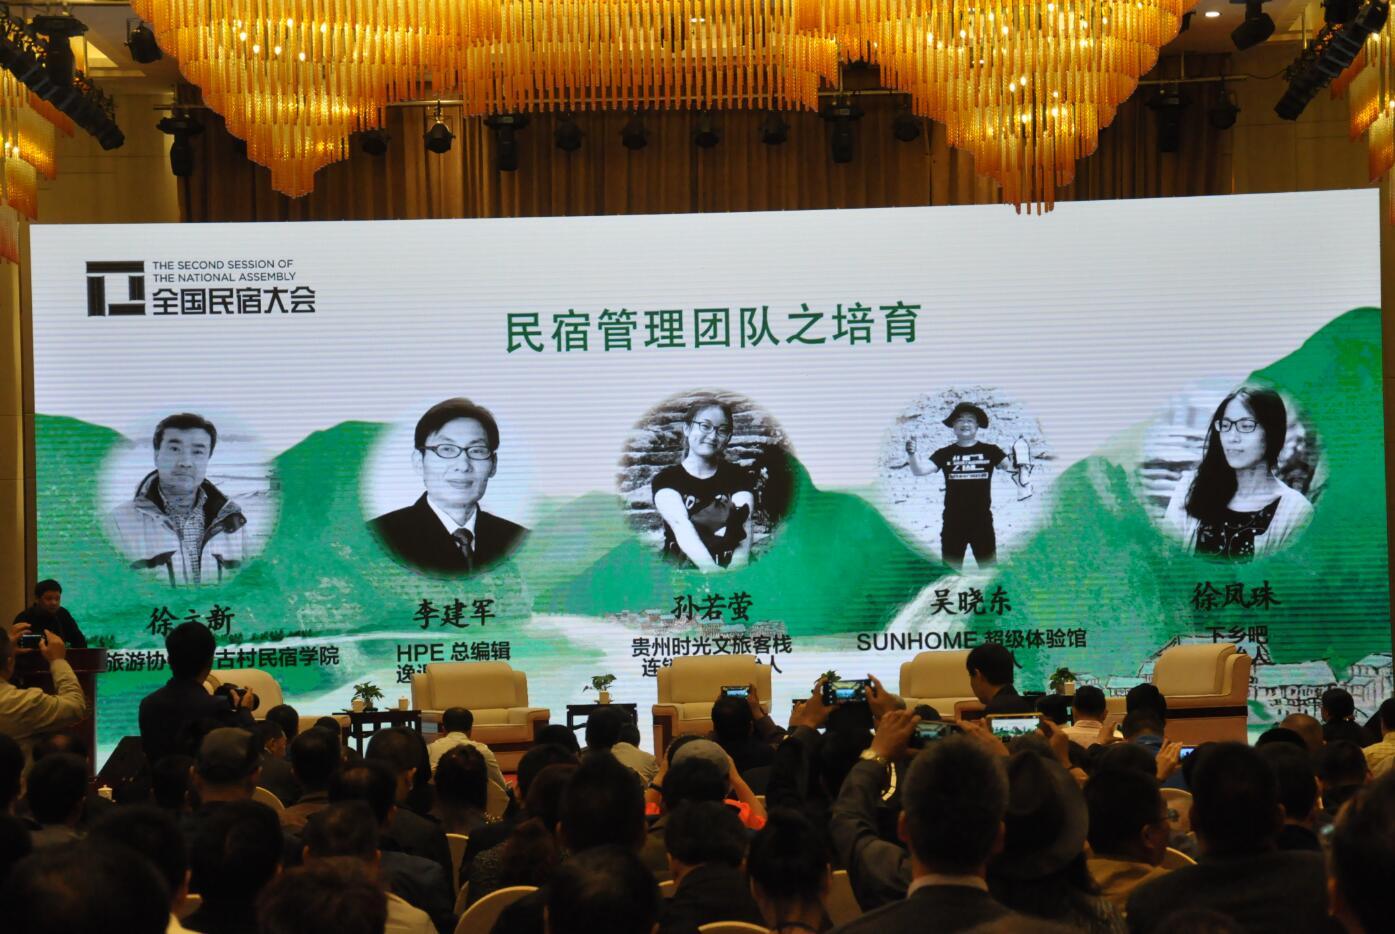 第二届全国民宿大会在贵州安顺市举行